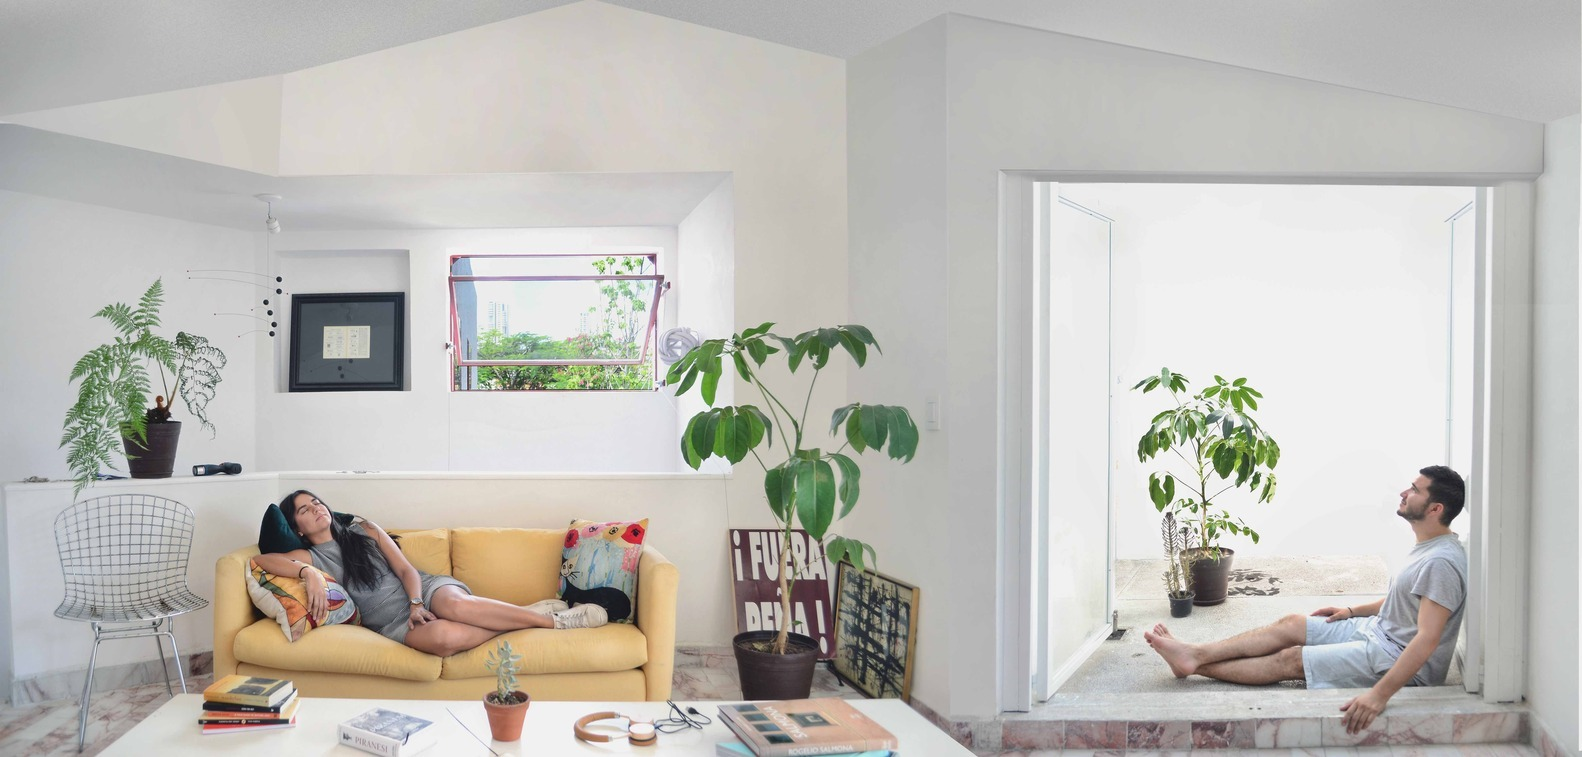 نقش مبلمان و گیاهان خانگی در طراحی داخلی